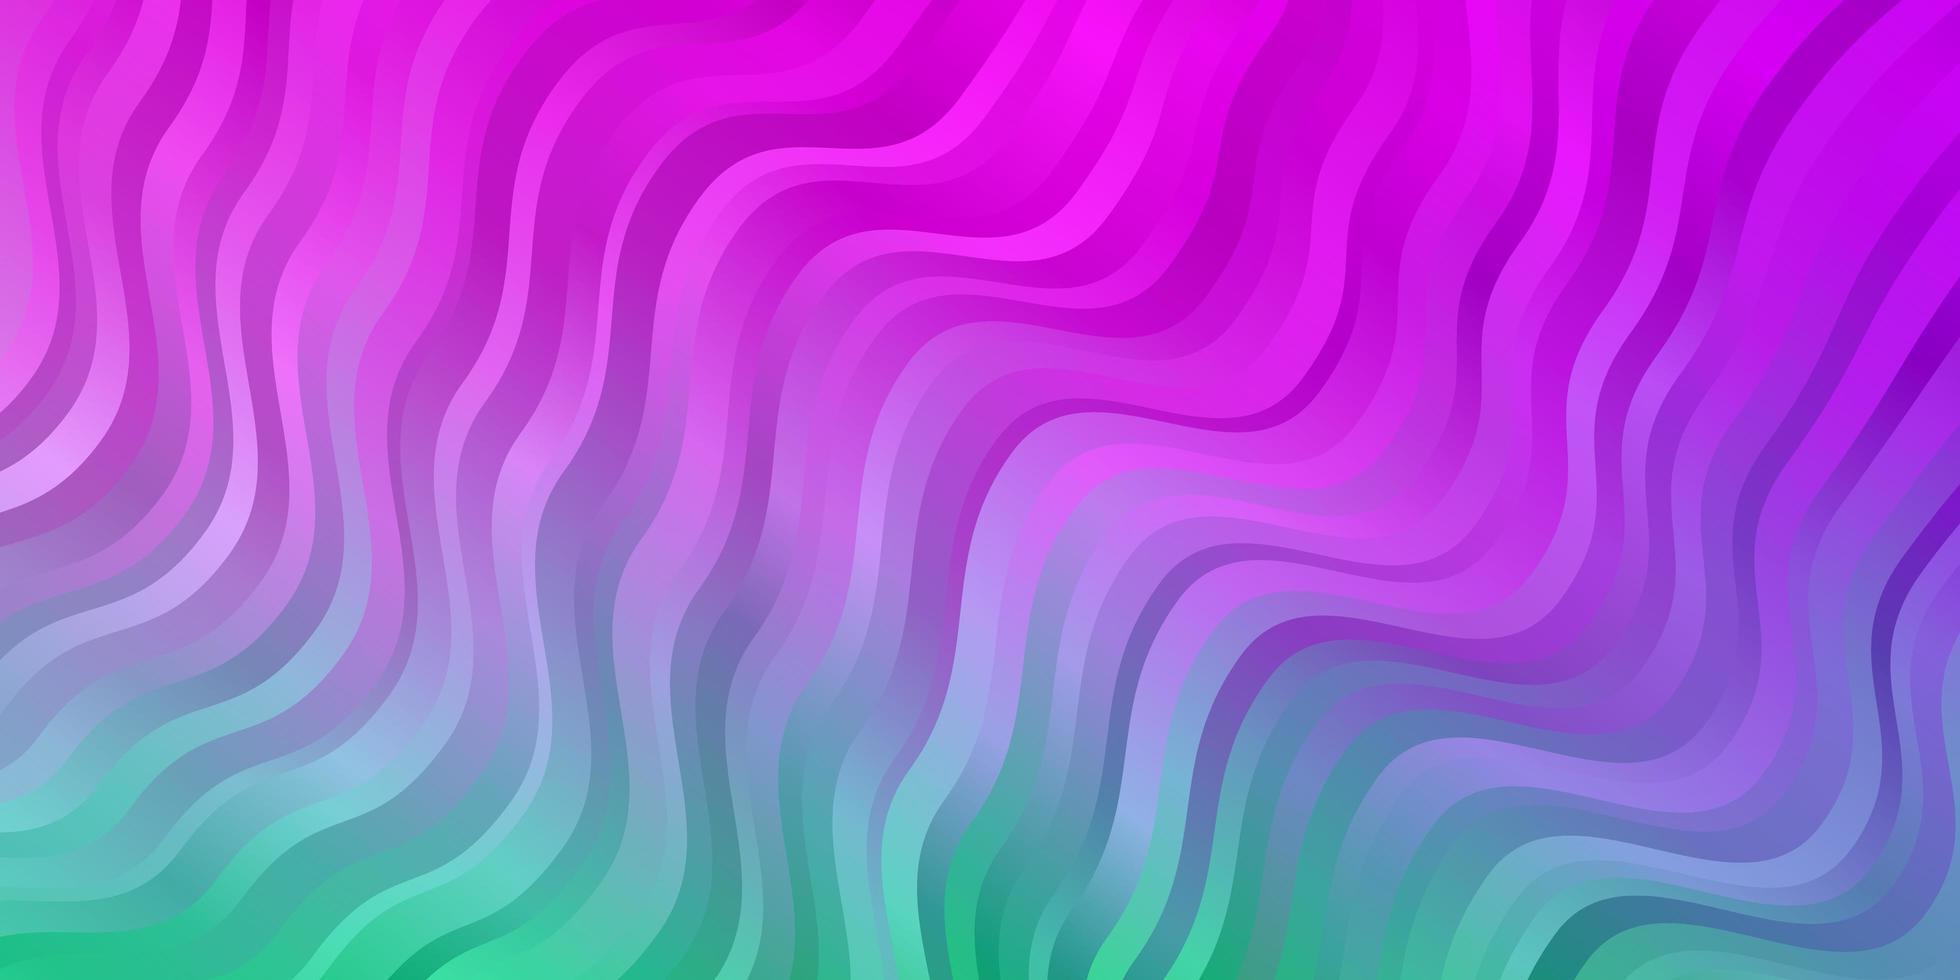 sfondo vettoriale rosa chiaro, verde con arco circolare.